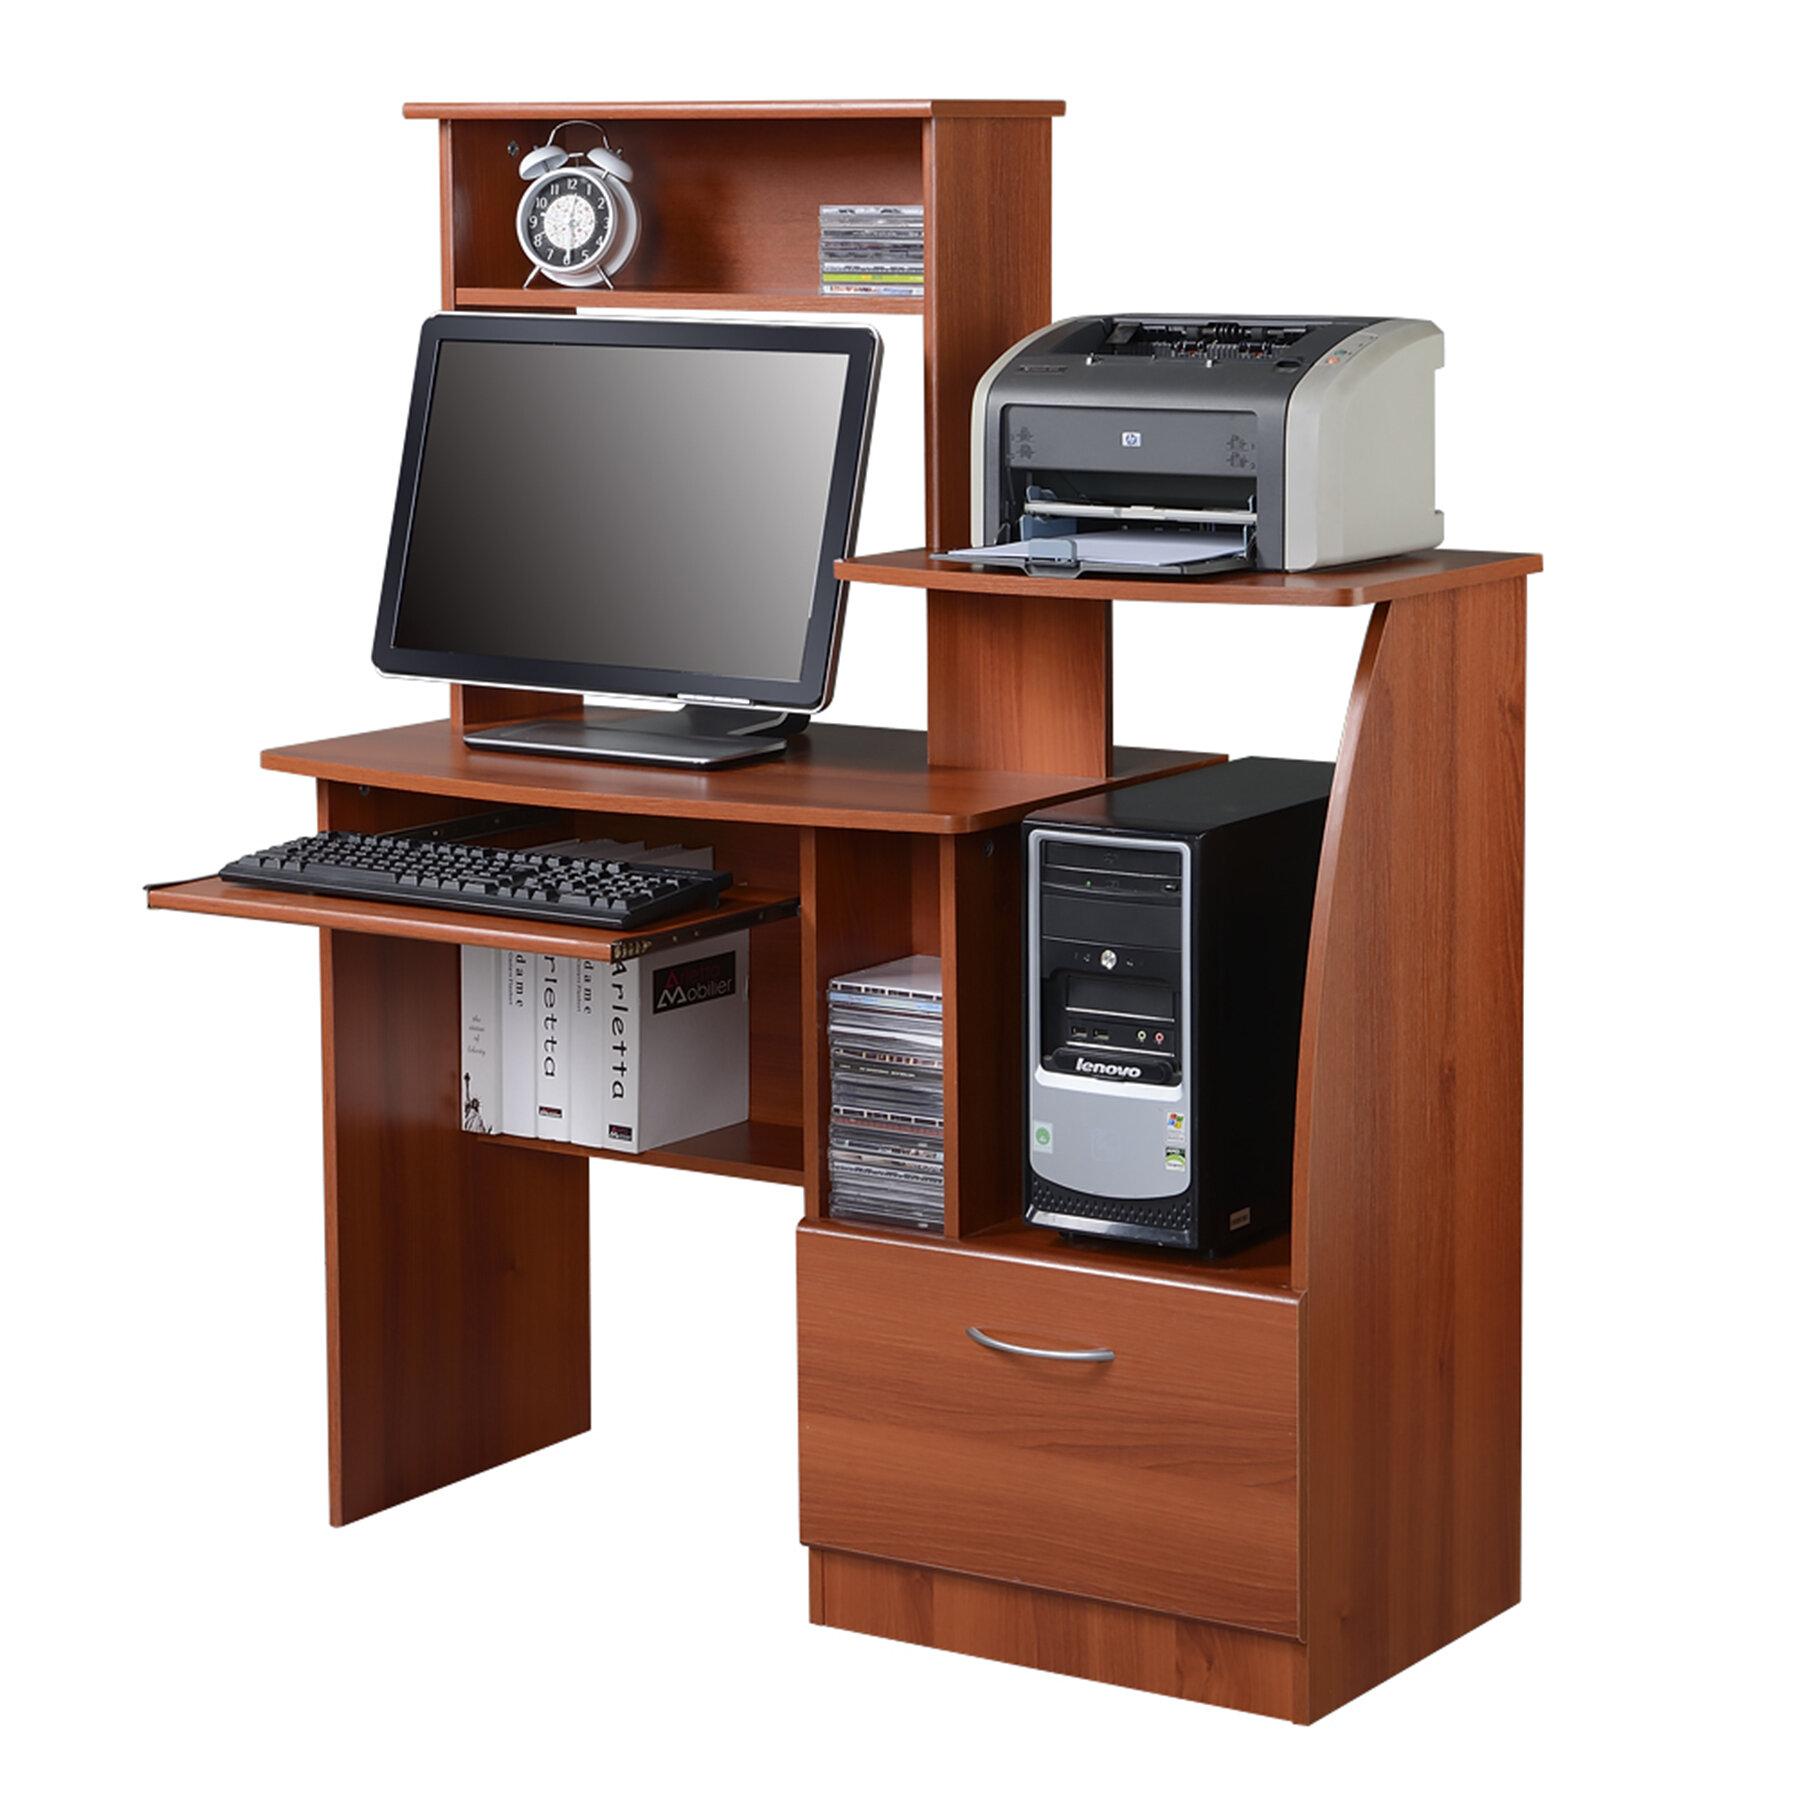 Aliso Computer Desk With Hutch